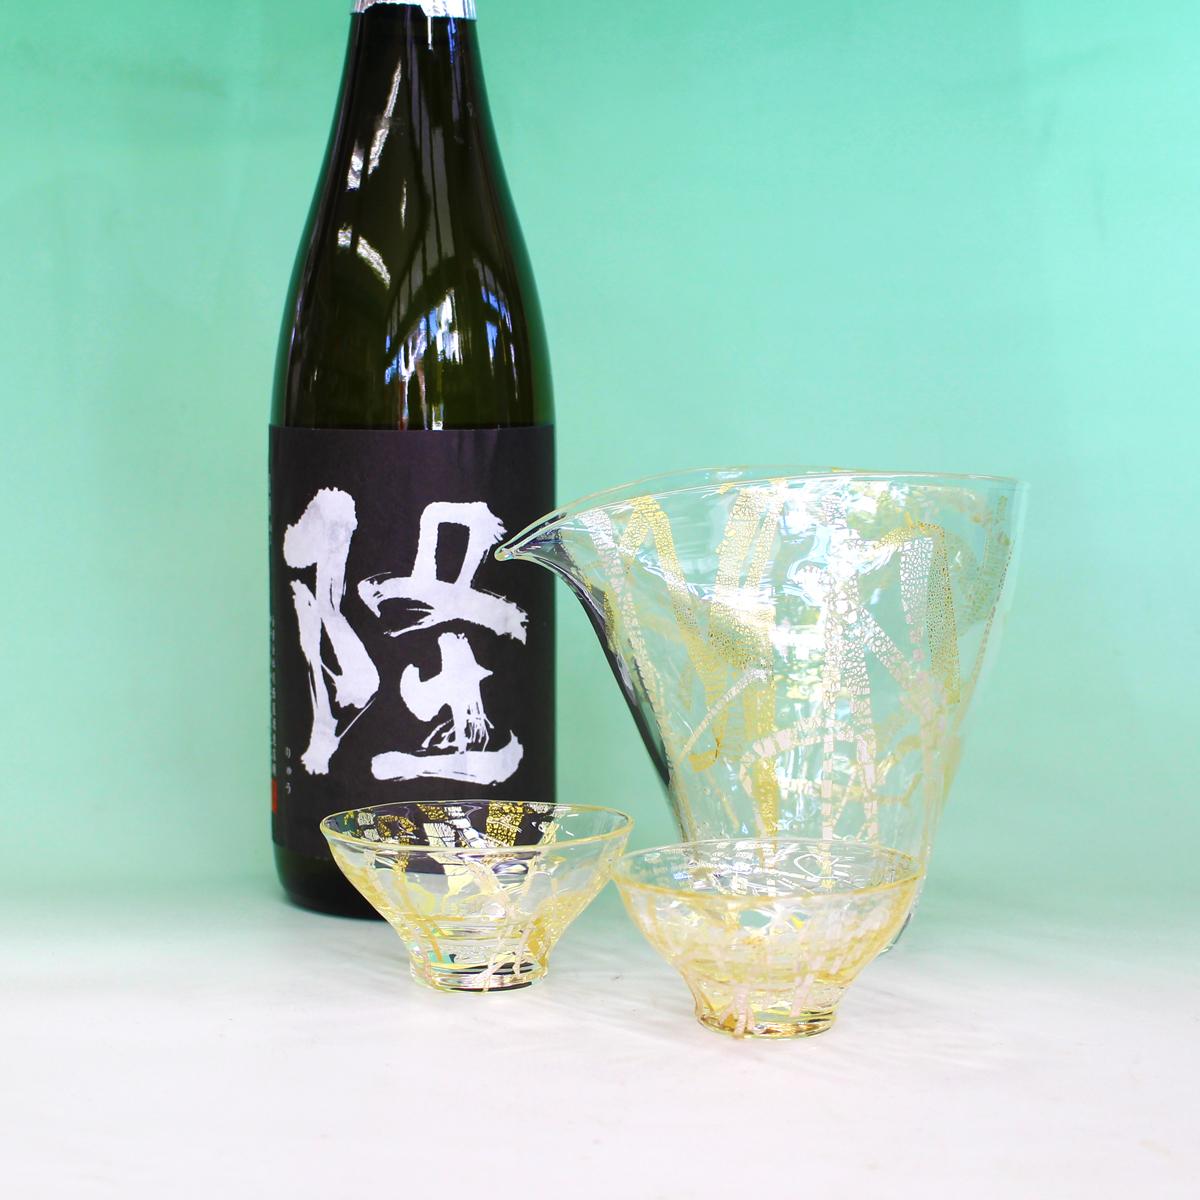 【ふるさと納税】ハンドメイドガラス冷酒器セット+隆(りゅう) 純米大吟醸 黒(白)4合